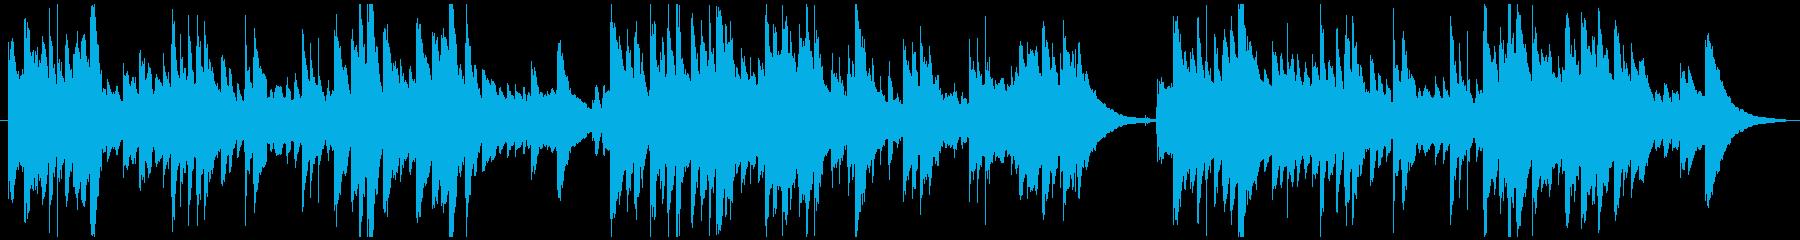 アコギでほっと一息休みたくなる暖かい音楽の再生済みの波形